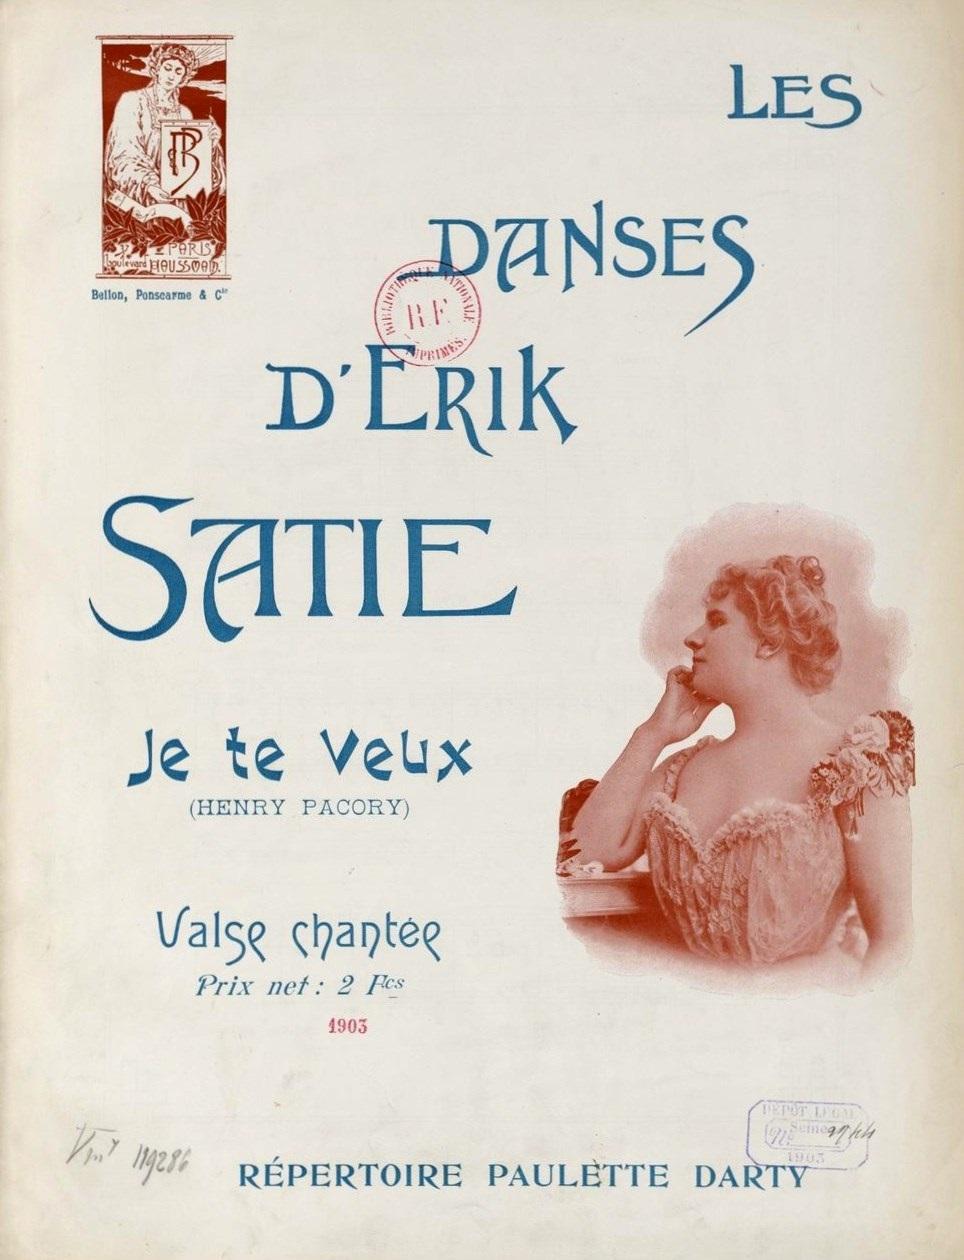 Je te veux, 1a edizione (1902)